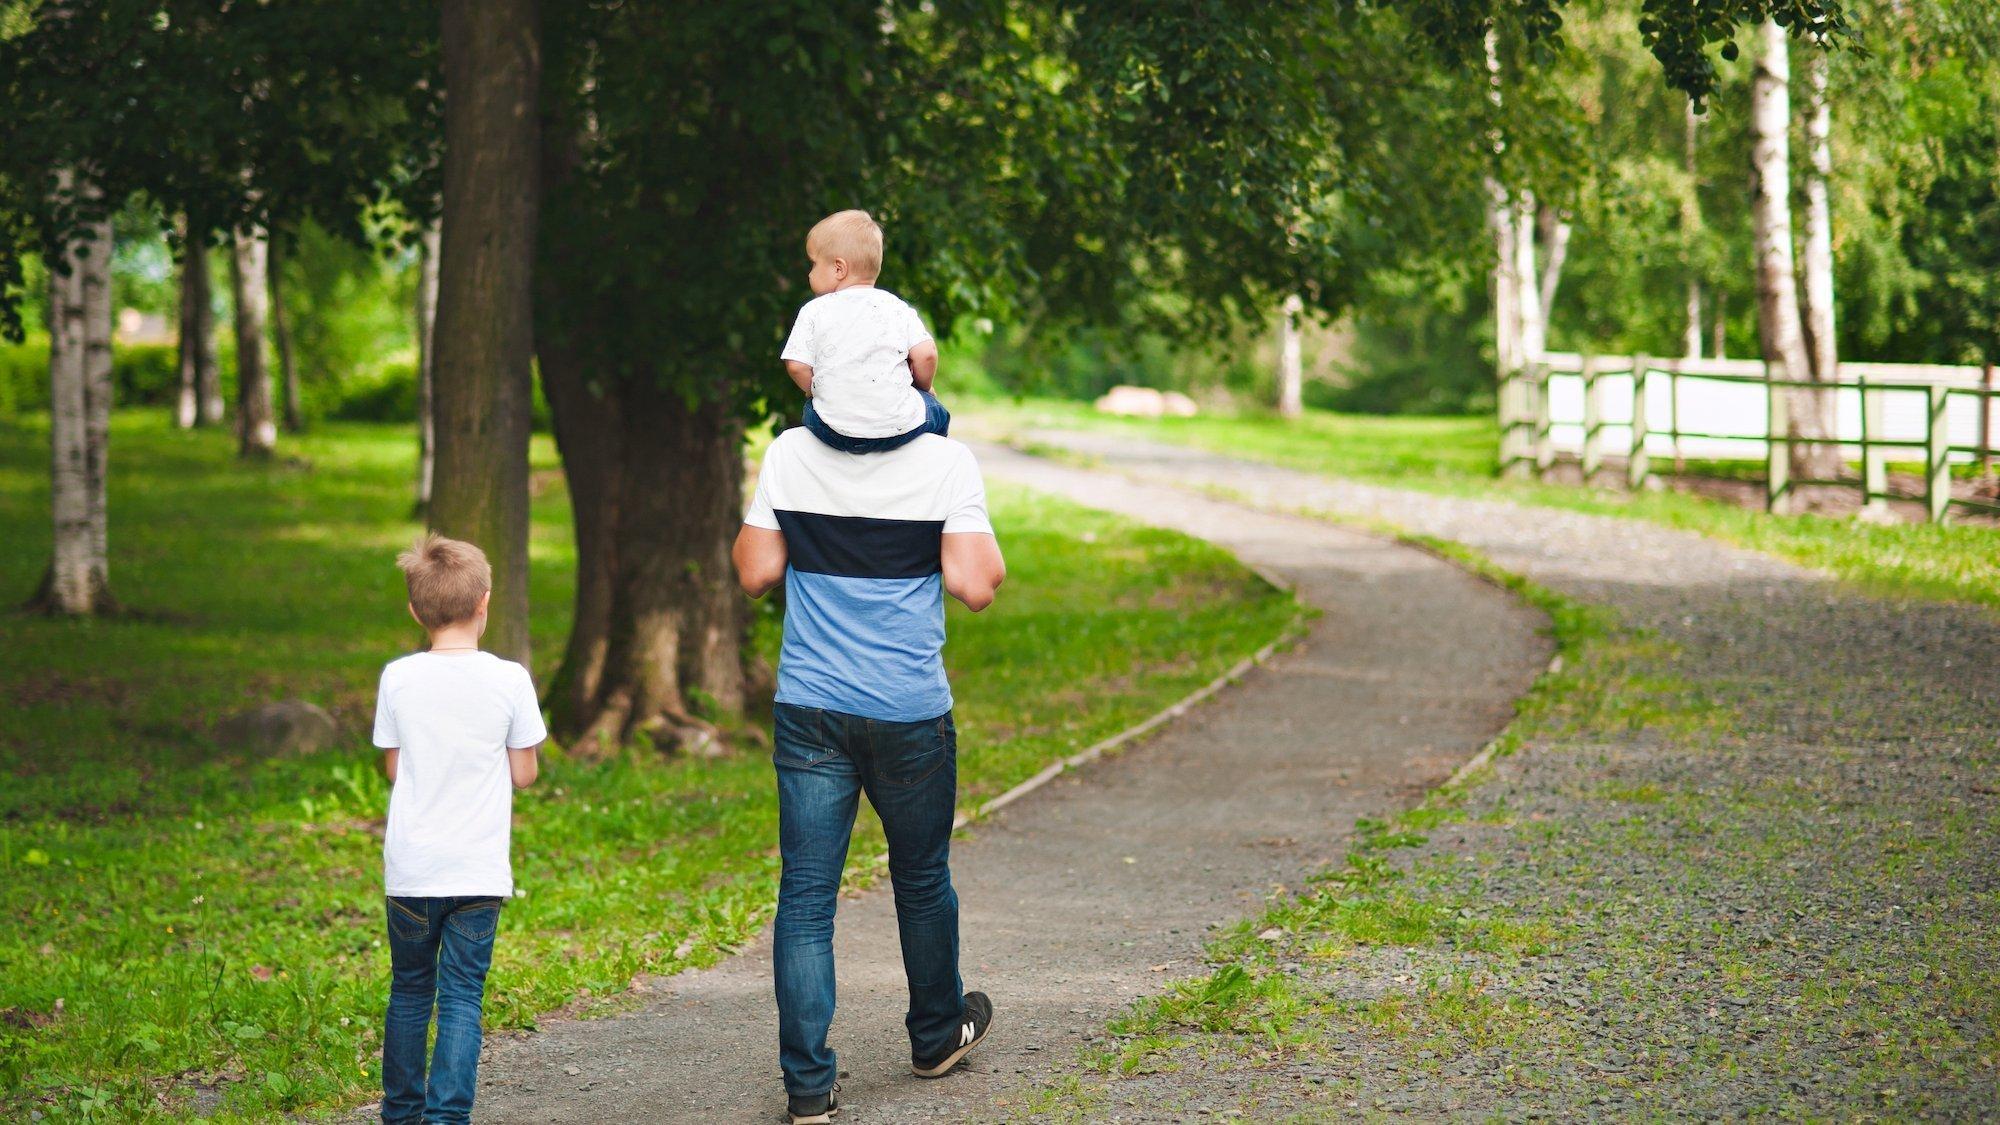 Dargestellt ist ein Mann, der ein kleines Kind auf den Schultern trägt. Ein zweites Kind läuft knapp hinter ihm. Das Bild symbolisiert einen Vater, der sich Zeit für seine Kinder nimmt.